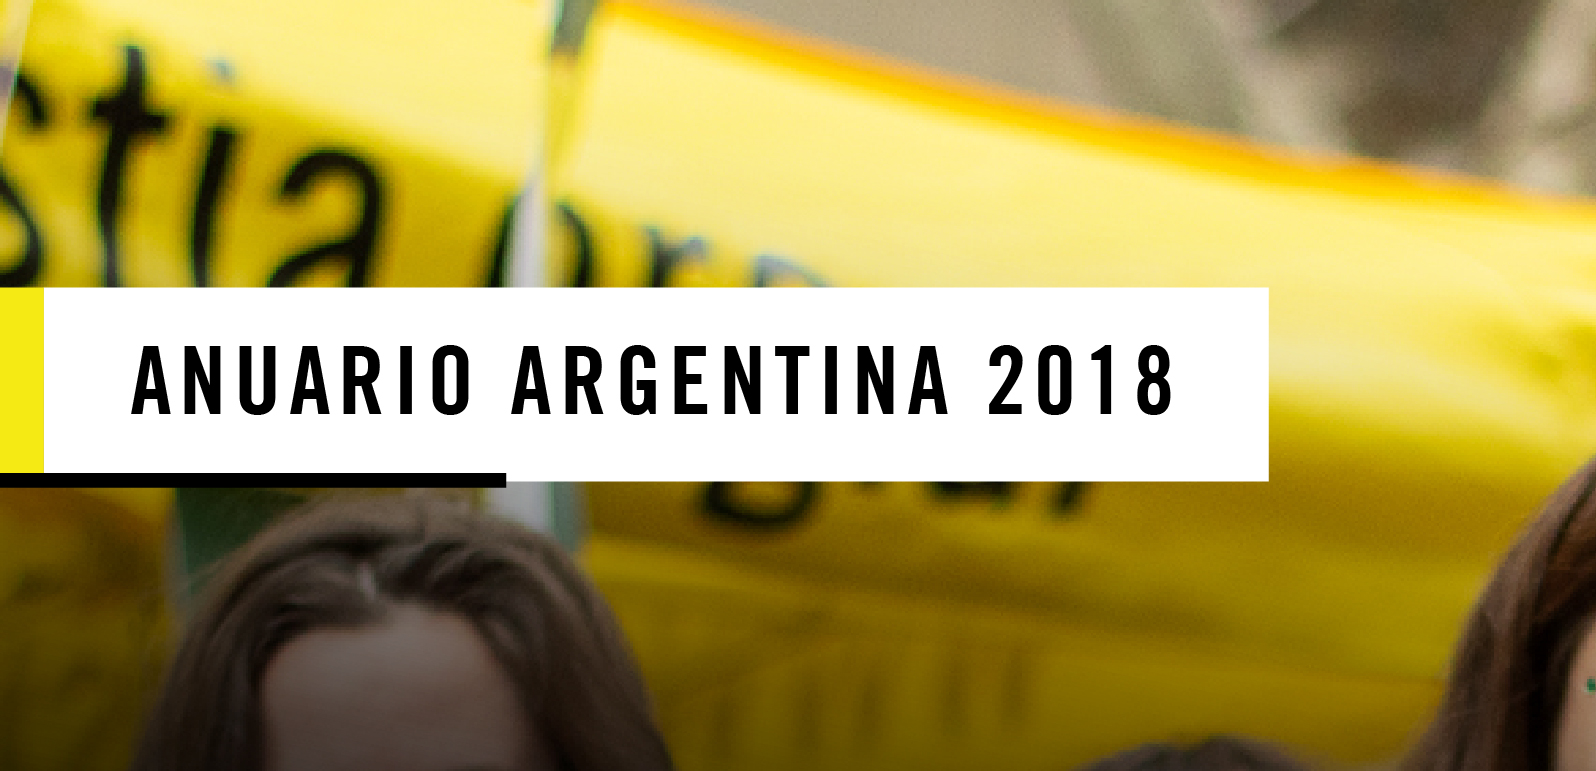 Anuario Argentina 2018